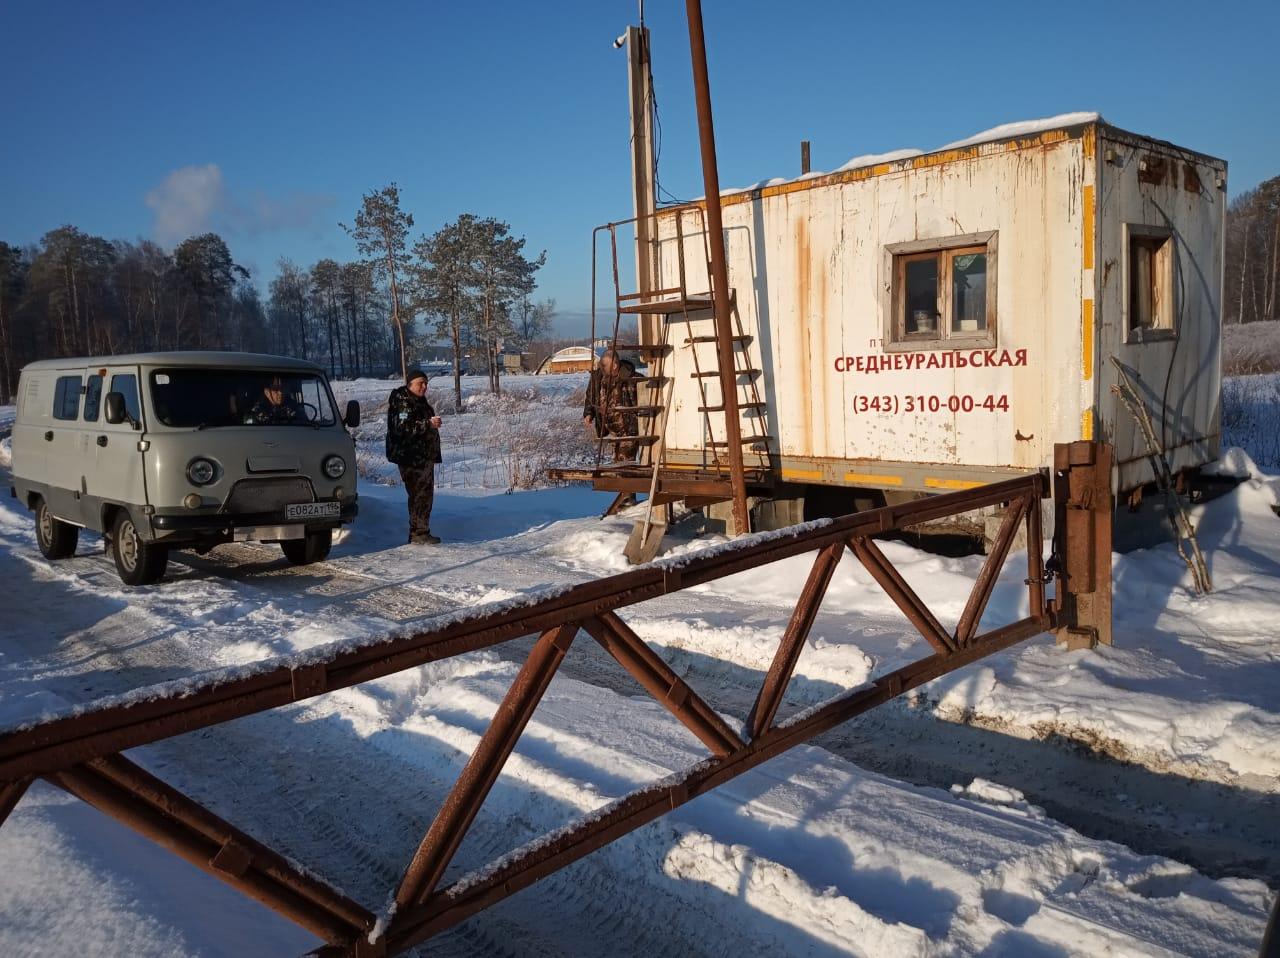 Минприроды уличило Среднеуральскую птицефабрику в сливе отходов в лесной массив